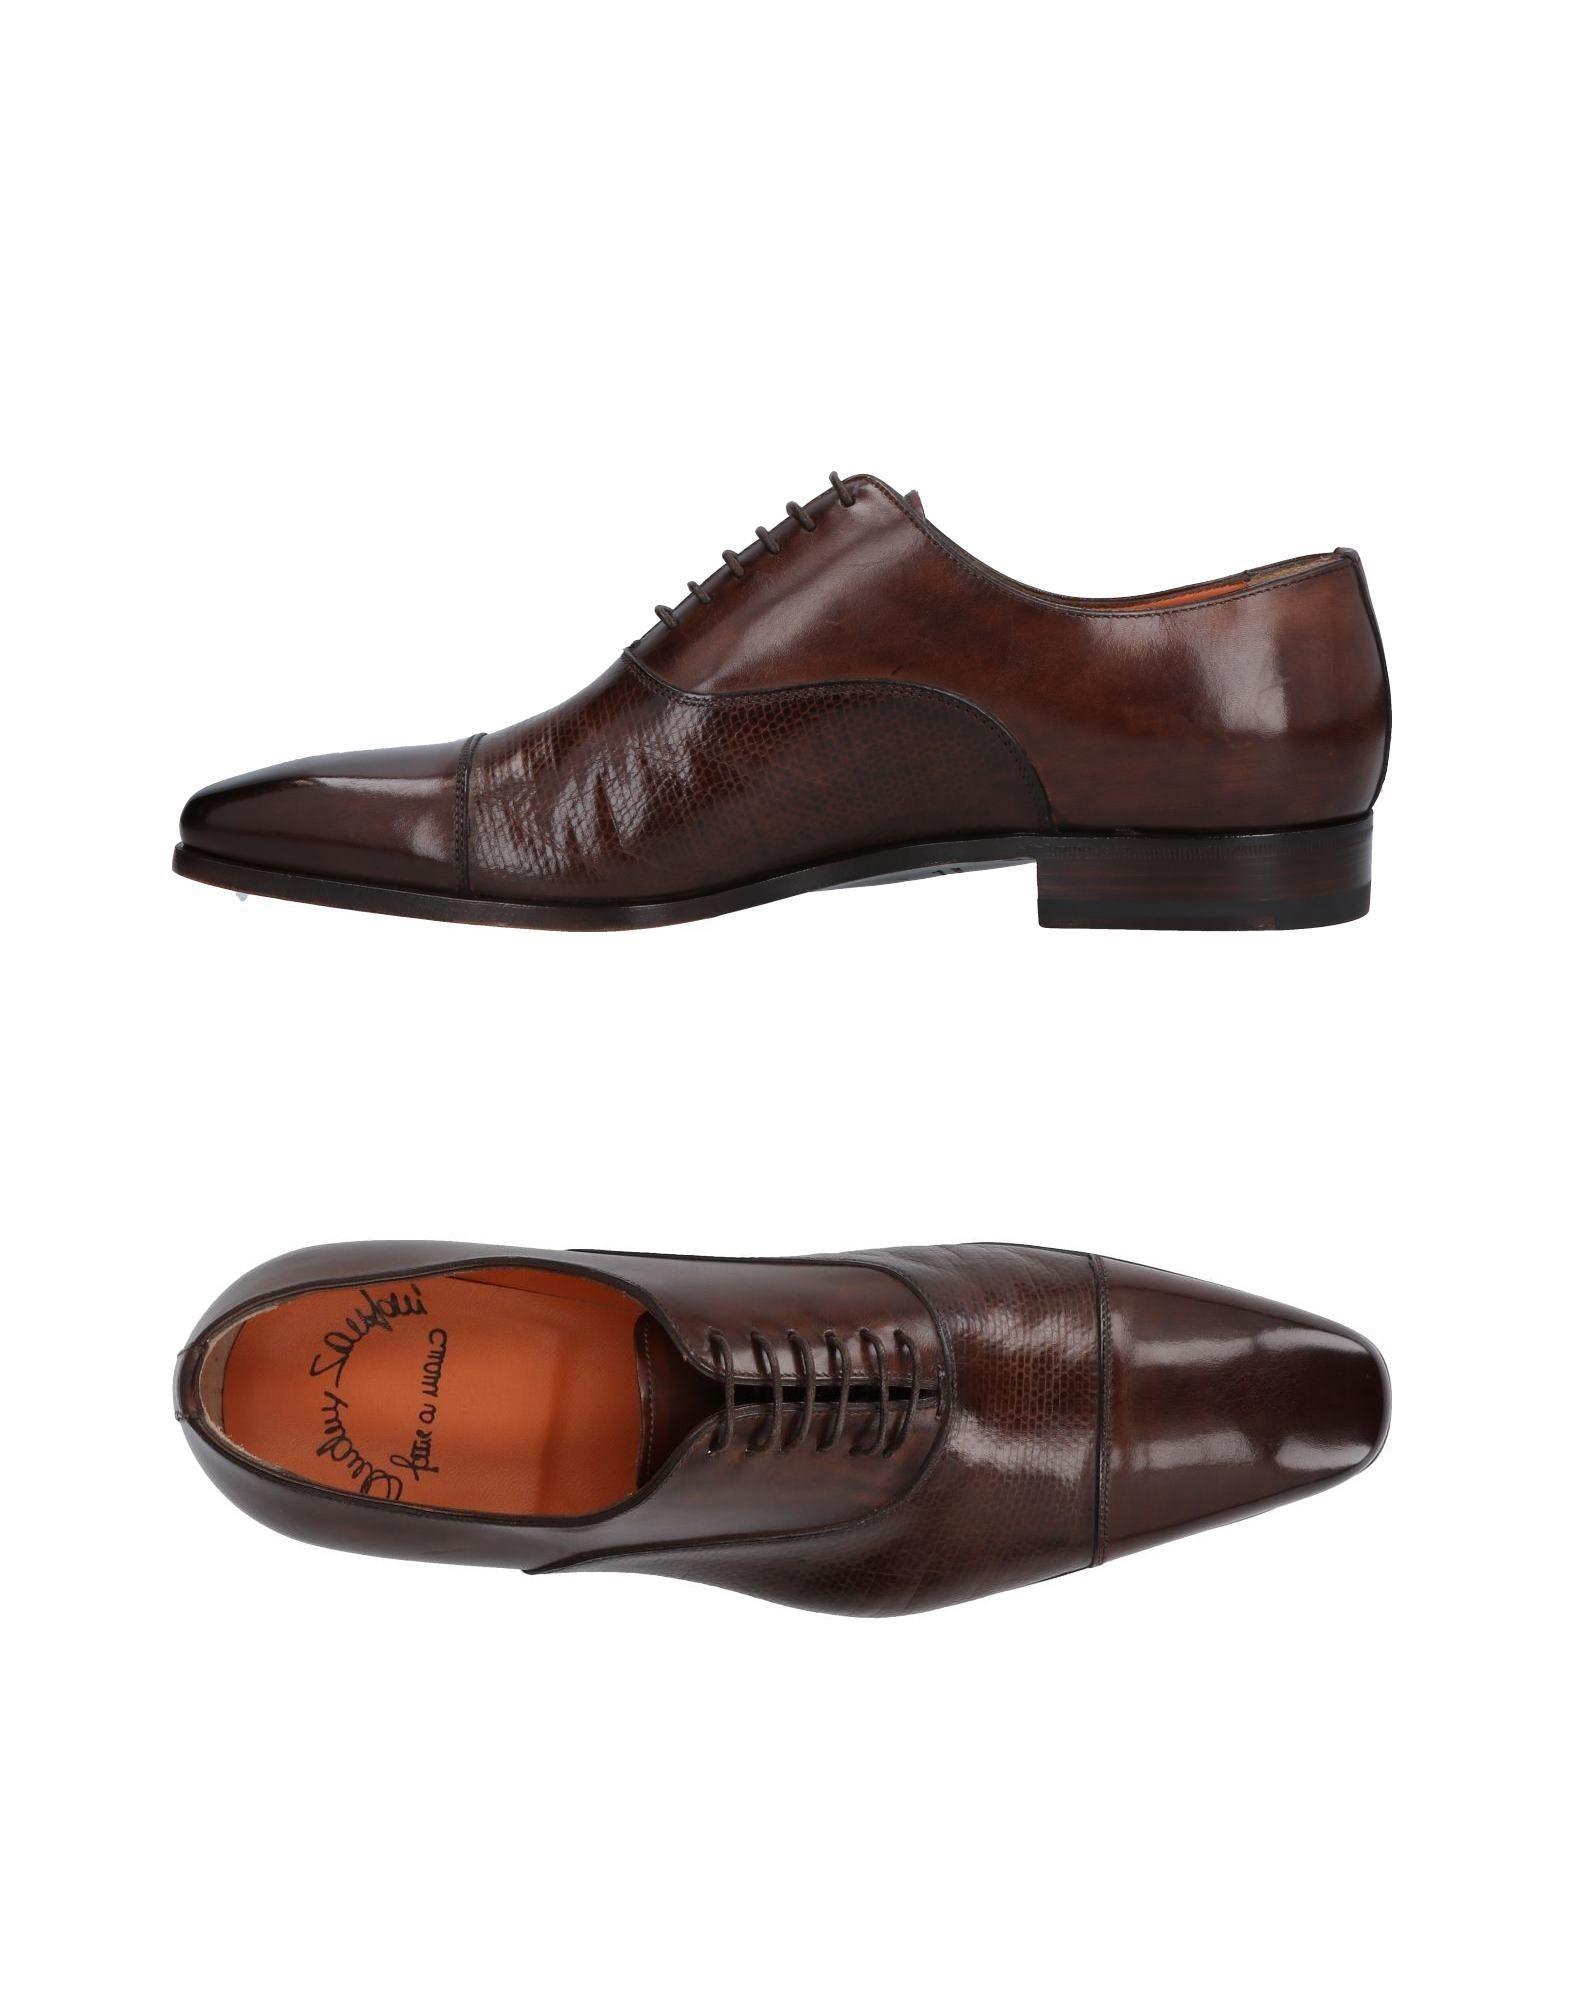 Santoni Schnürschuhe Herren  11478693KN Gute Qualität beliebte Schuhe